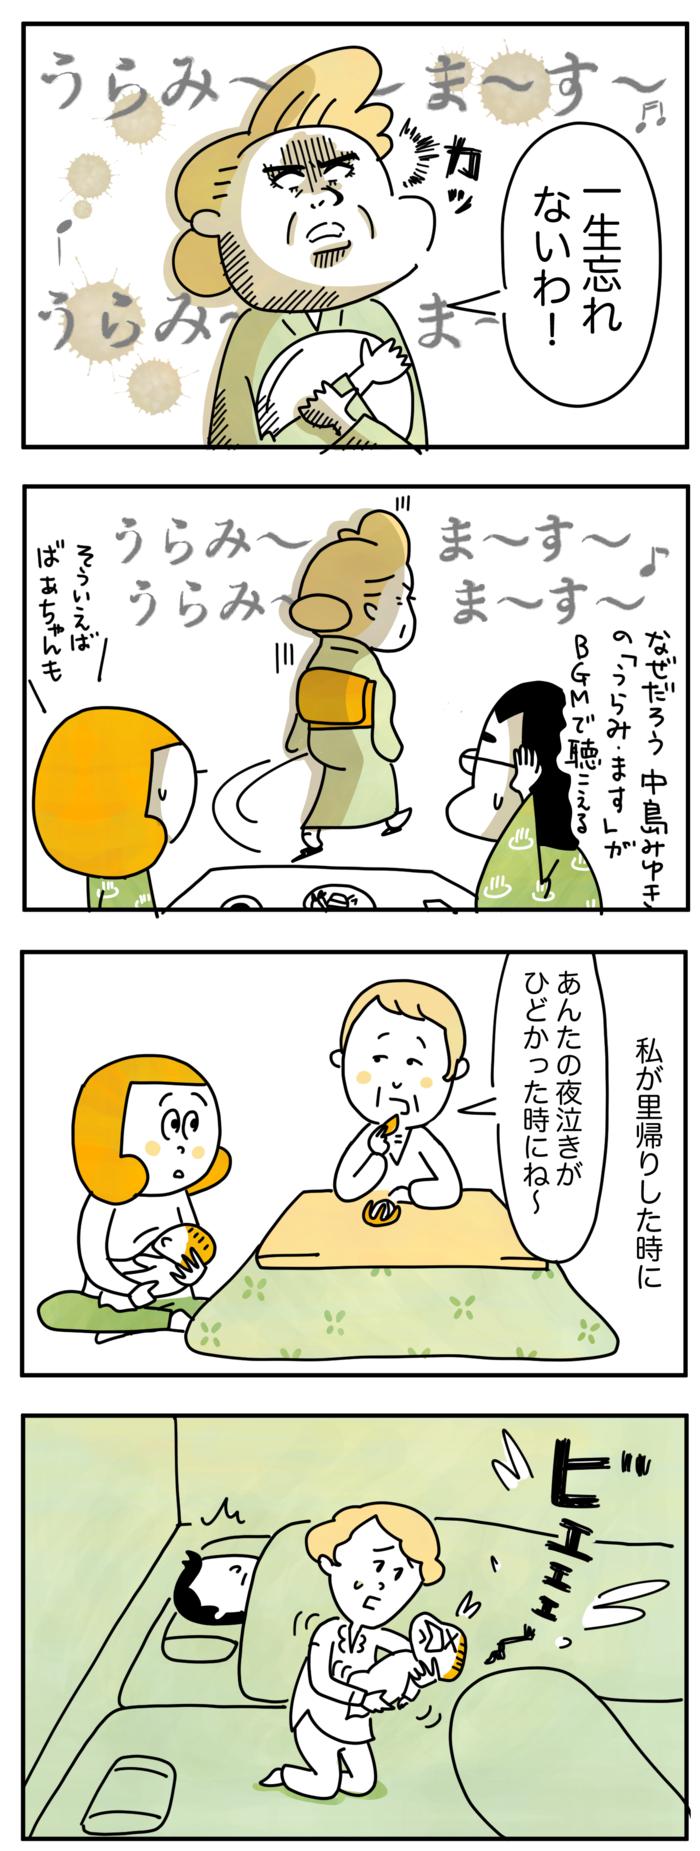 昭和に「イクメン」という言葉はなかった!時代と共に変わる「子育て」の形の画像3